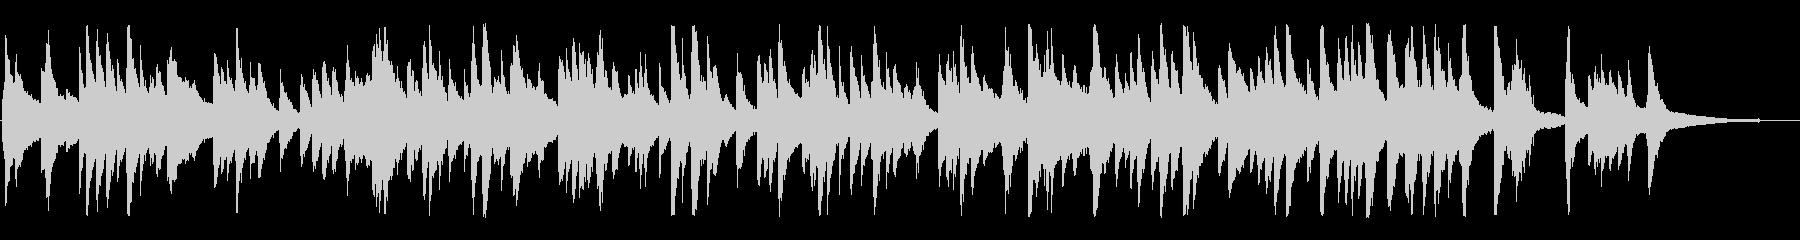 ジャズ風のゆったりしたラウンジピアノソロの未再生の波形